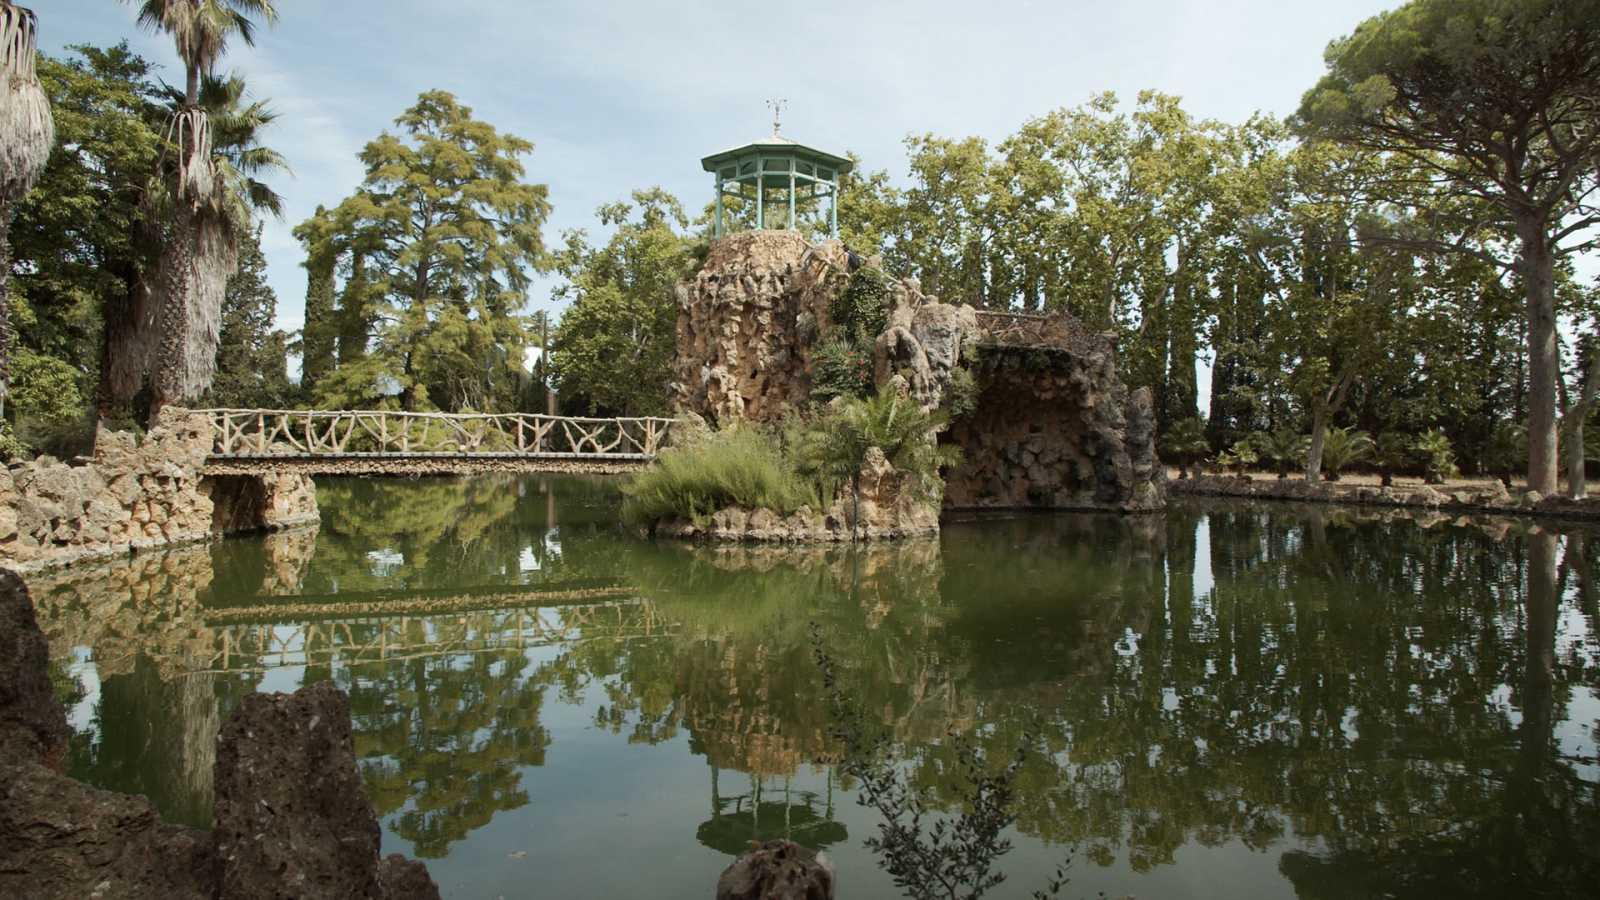 Jardines con historia - Cambrils: Parc Samà - ver ahora